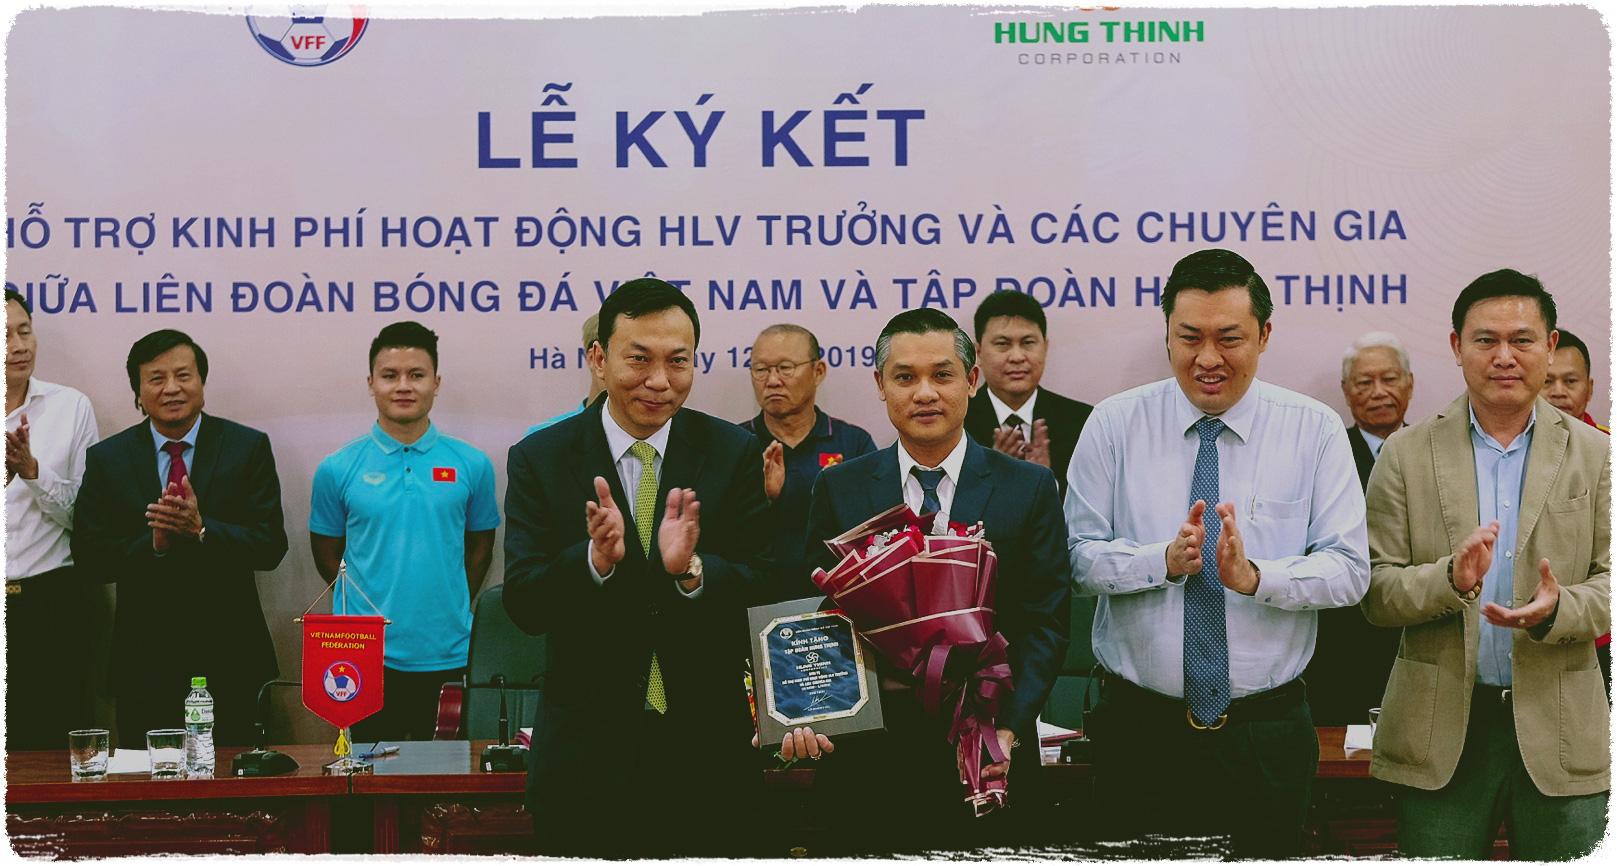 Ông Nguyễn Đình Trung - Chủ tịch Tập đoàn Hưng Thịnh: Tôi kỳ vọng vào World Cup 2026 - Ảnh 10.